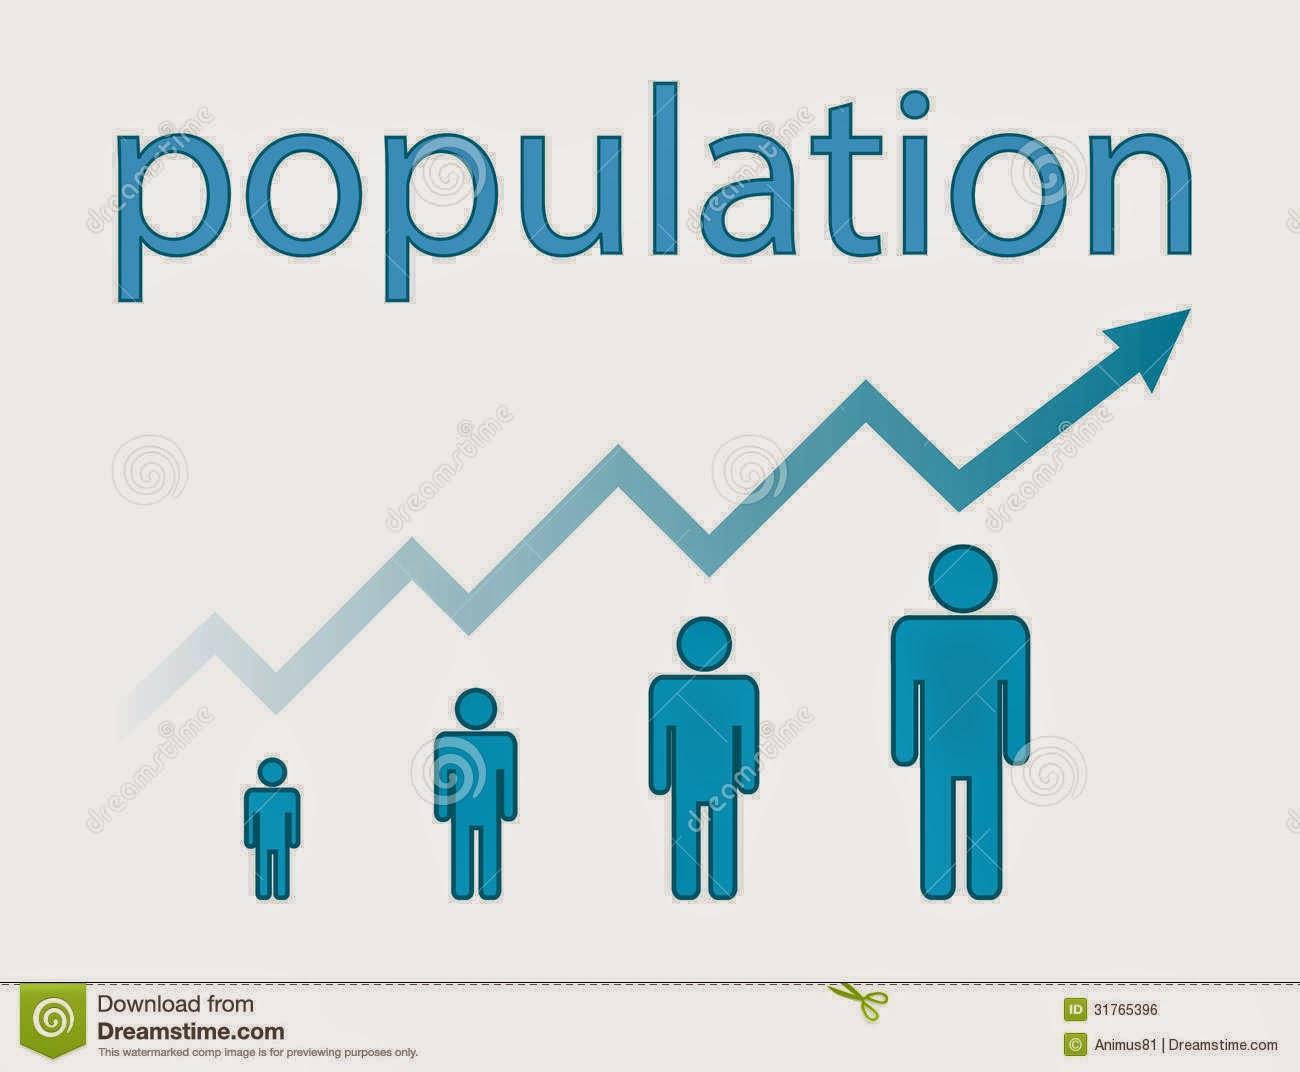 http://www.primaria.librosvivos.net/archivosCMS/3/3/16/usuarios/103294/9/5EP_Cono_in_ud12_population_1/frame_prim.swf